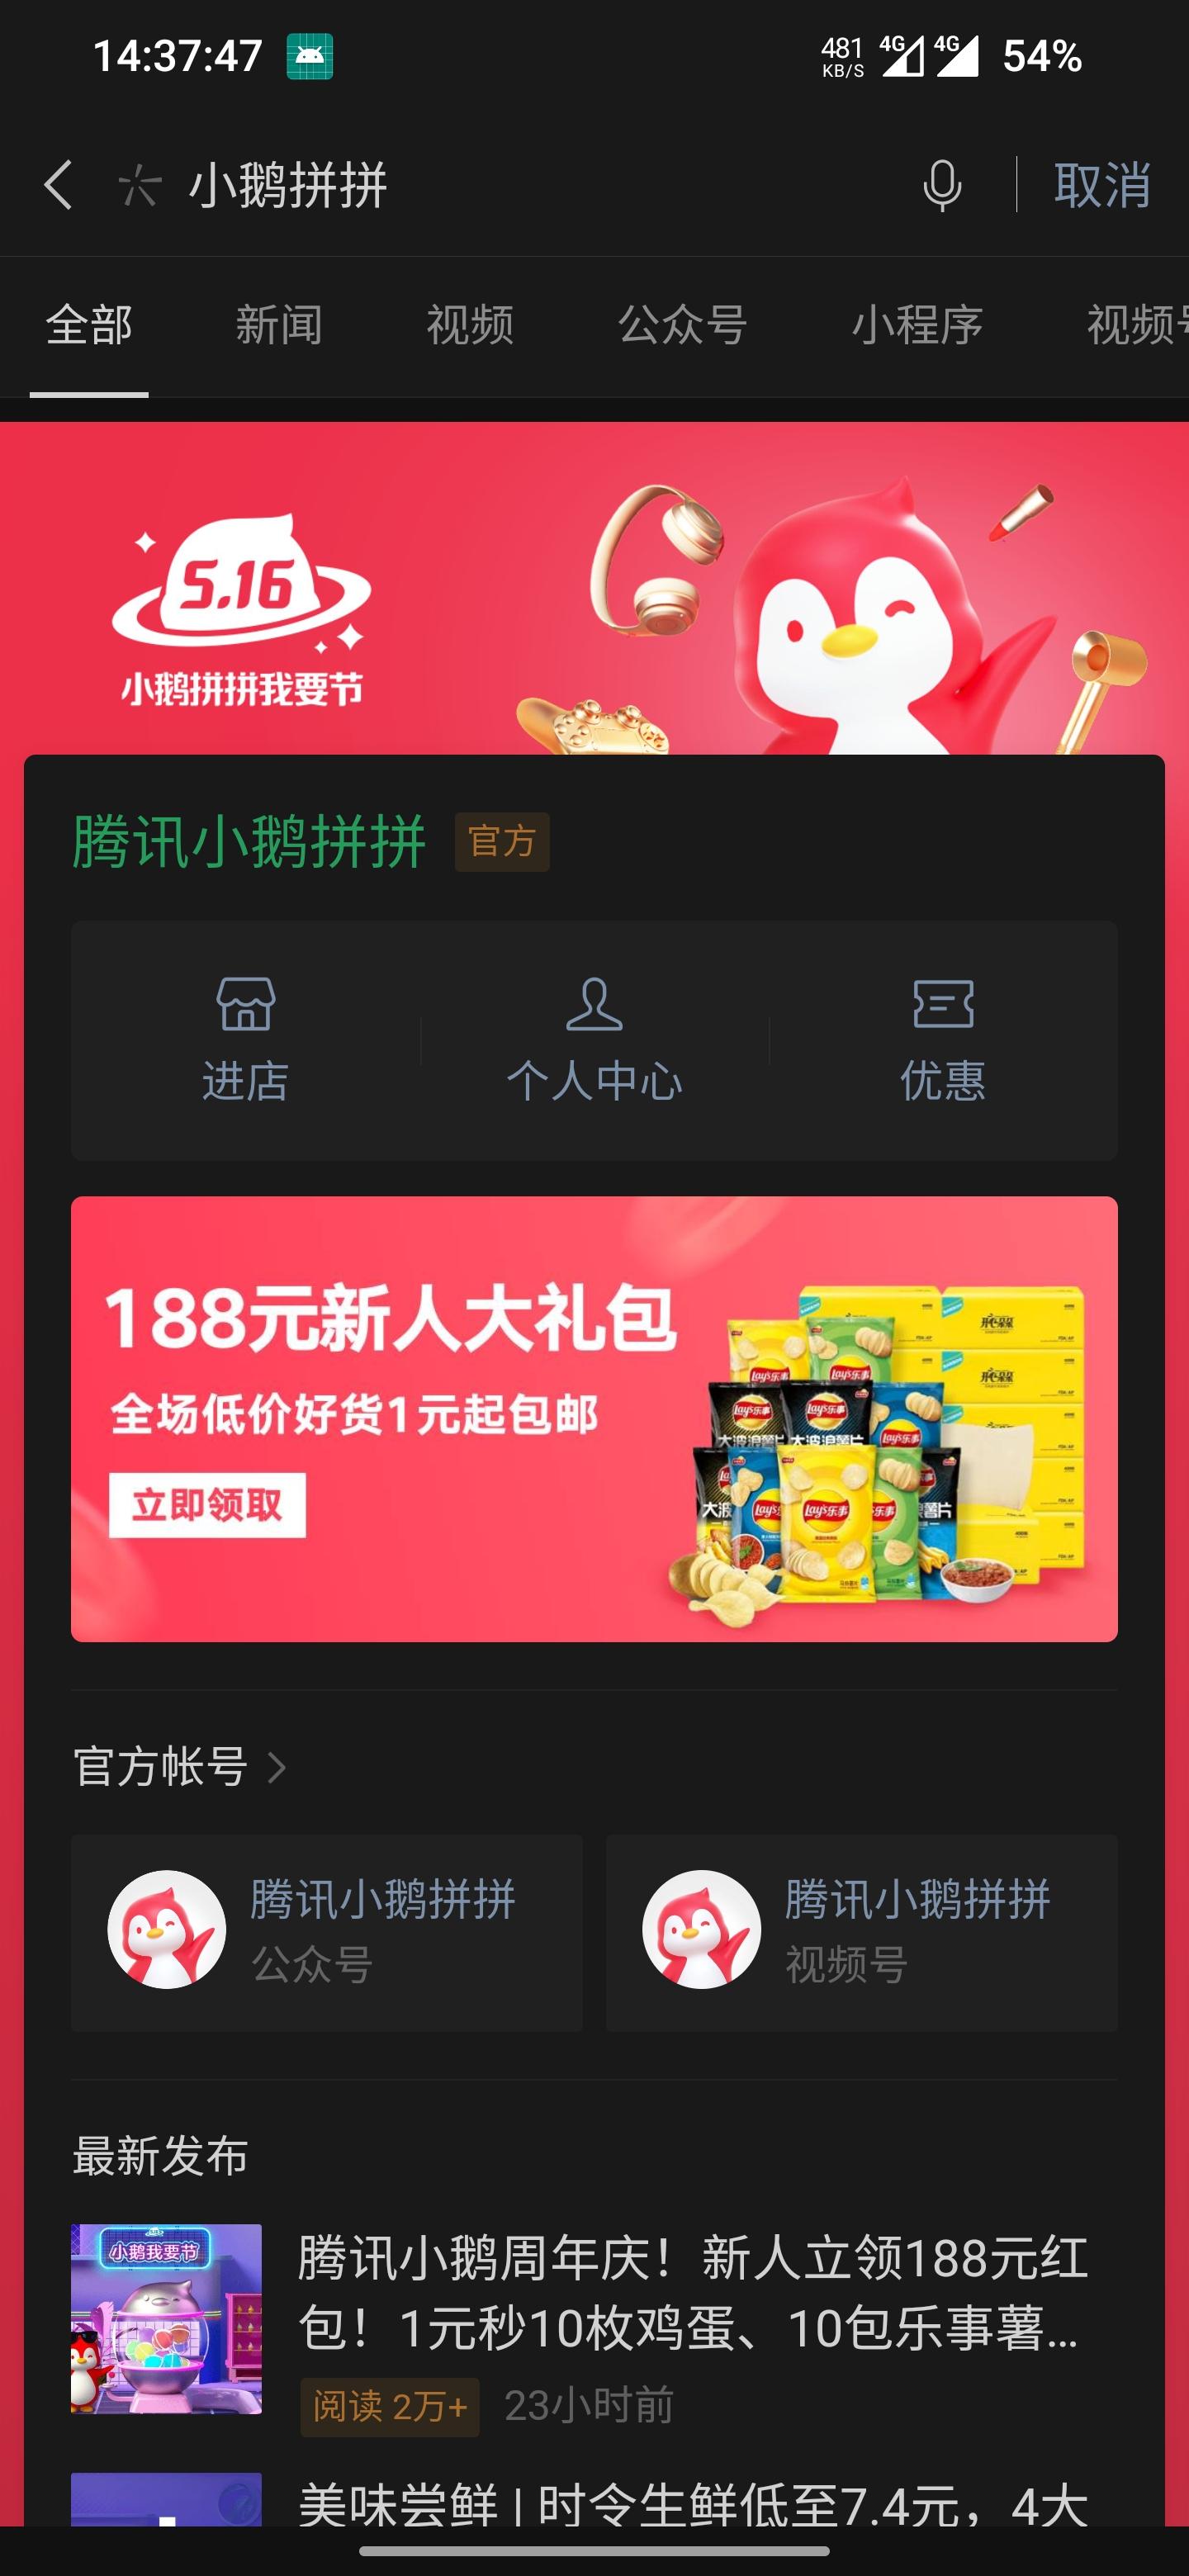 腾讯一心做电商:现已上线地下城sf架设一条龙小鹅拼拼App,一年前已推出小程序